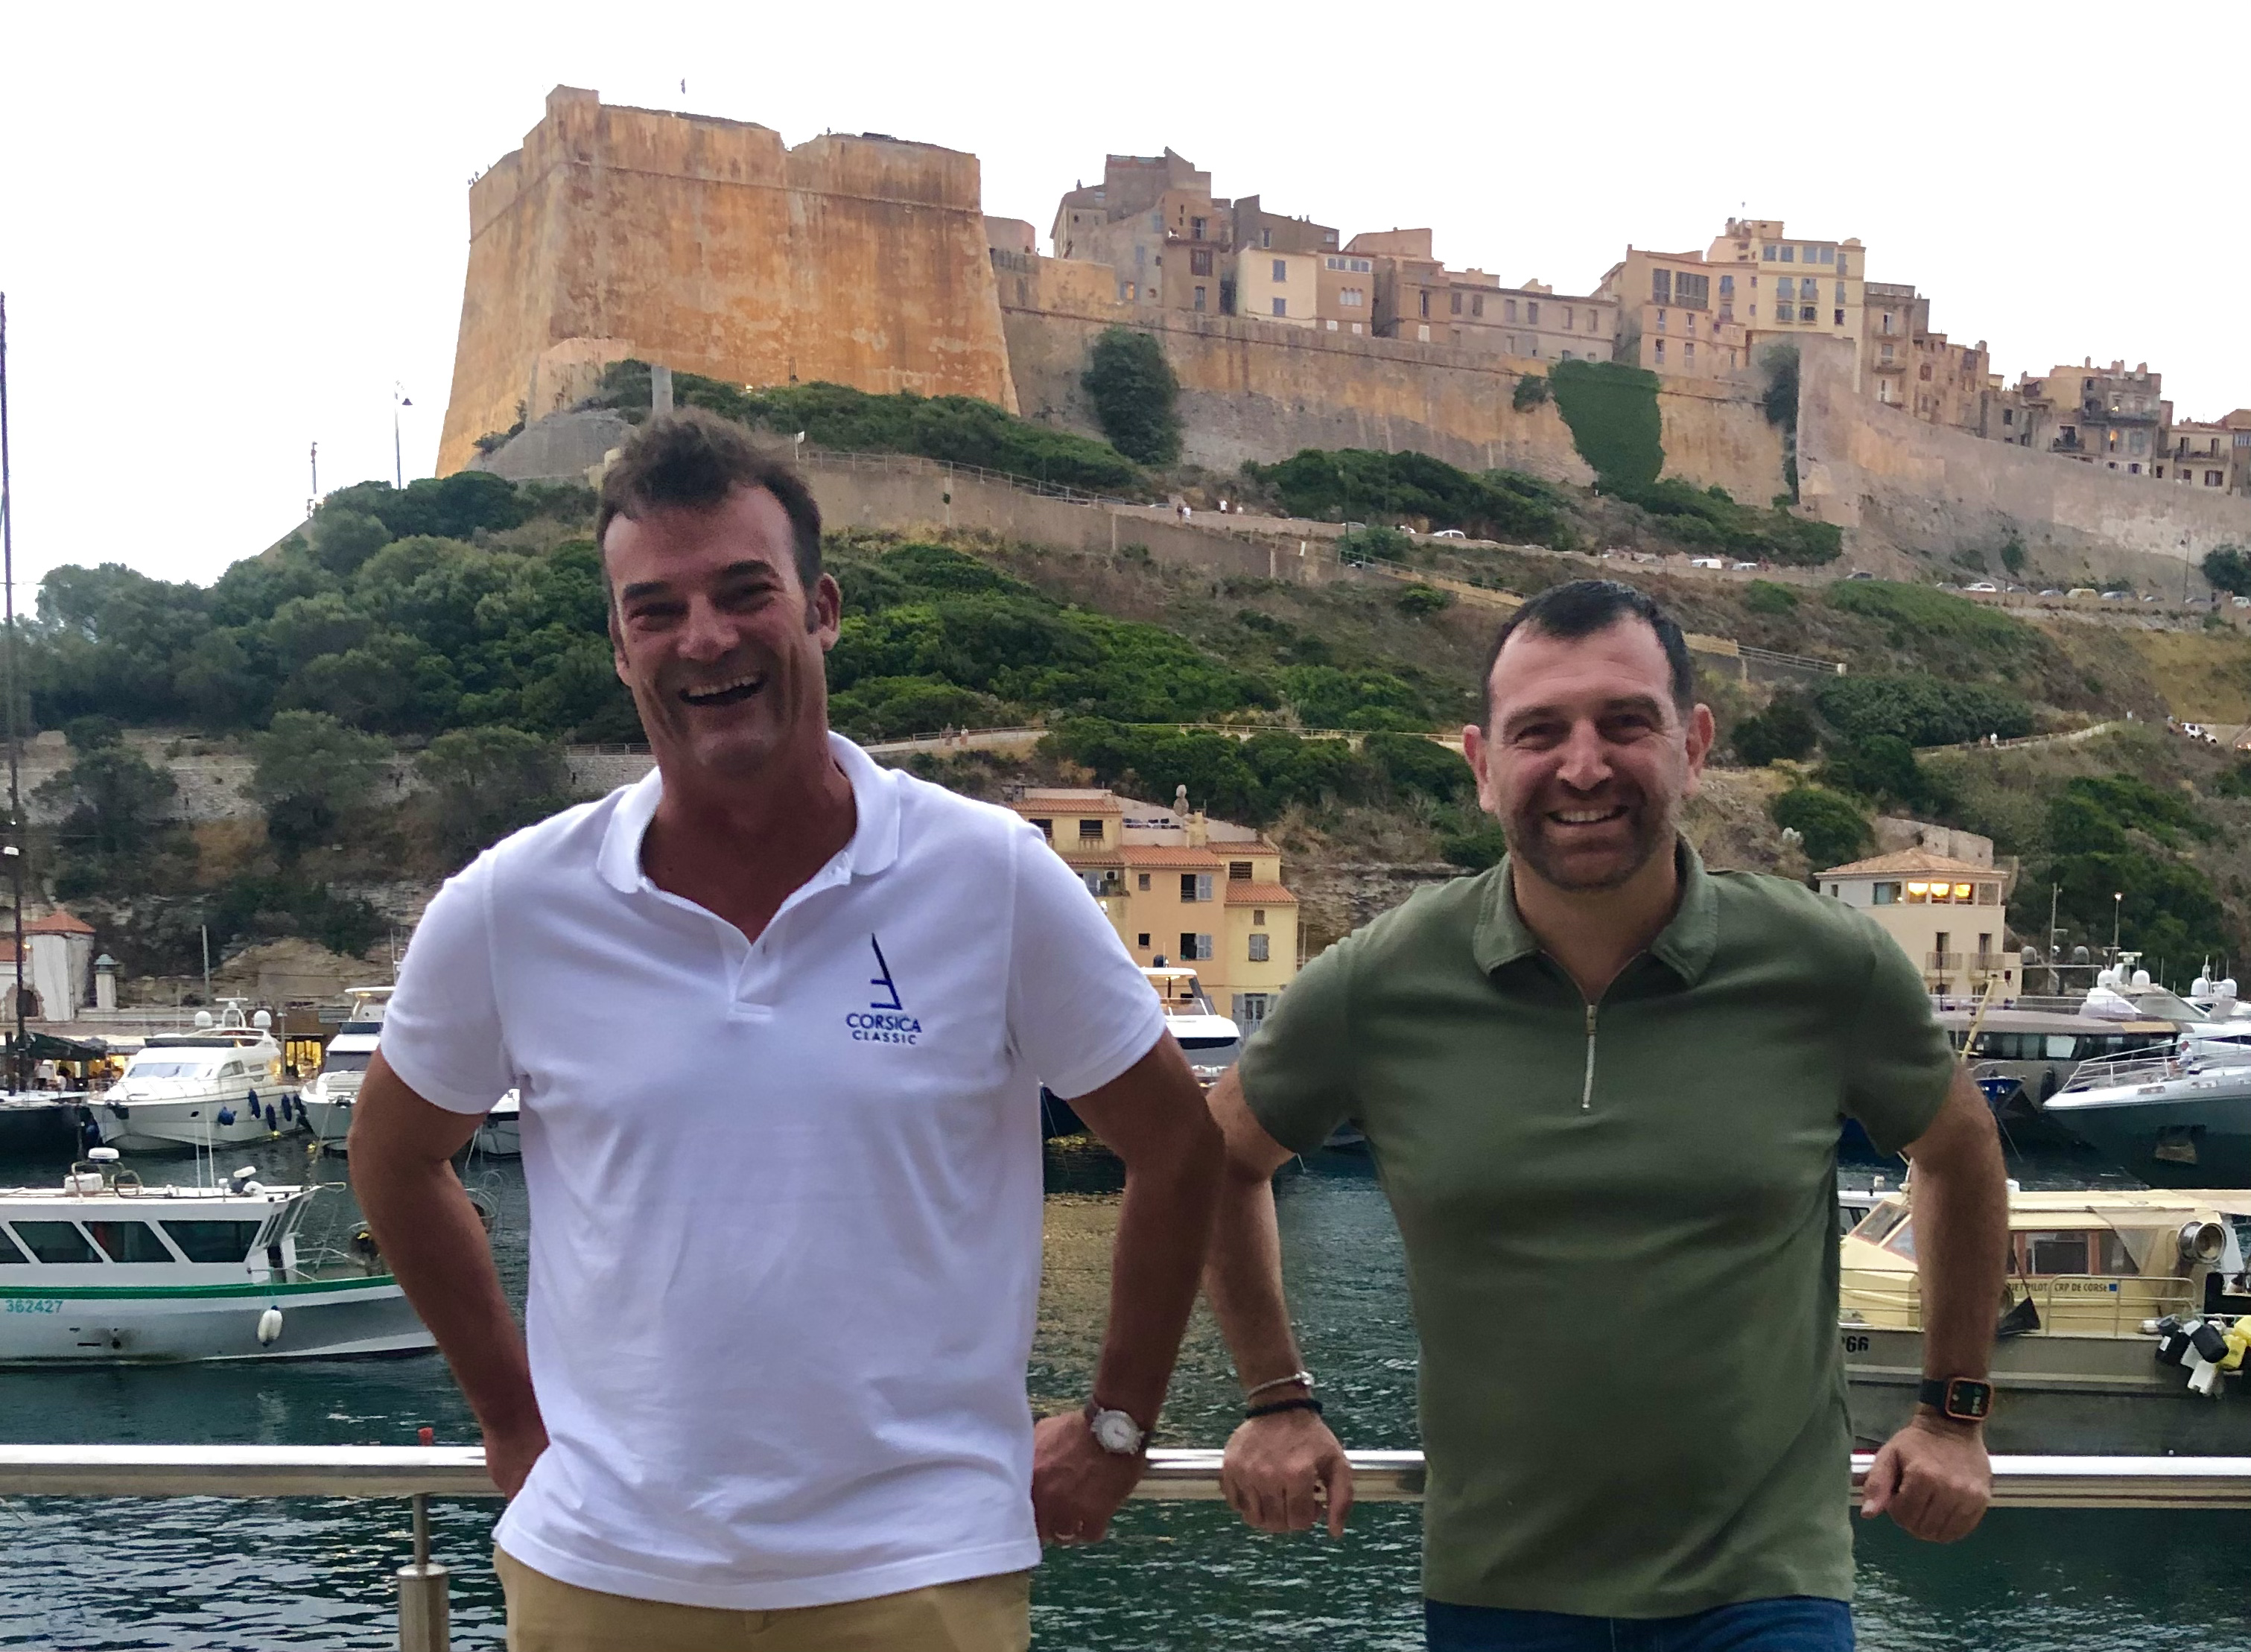 Bonifacio Maison des Pêcheurs Mr le Maire Jean-Charles Orsucci Corsica Classic 2021 Photo Katia Kulawick-Assante Assante DR